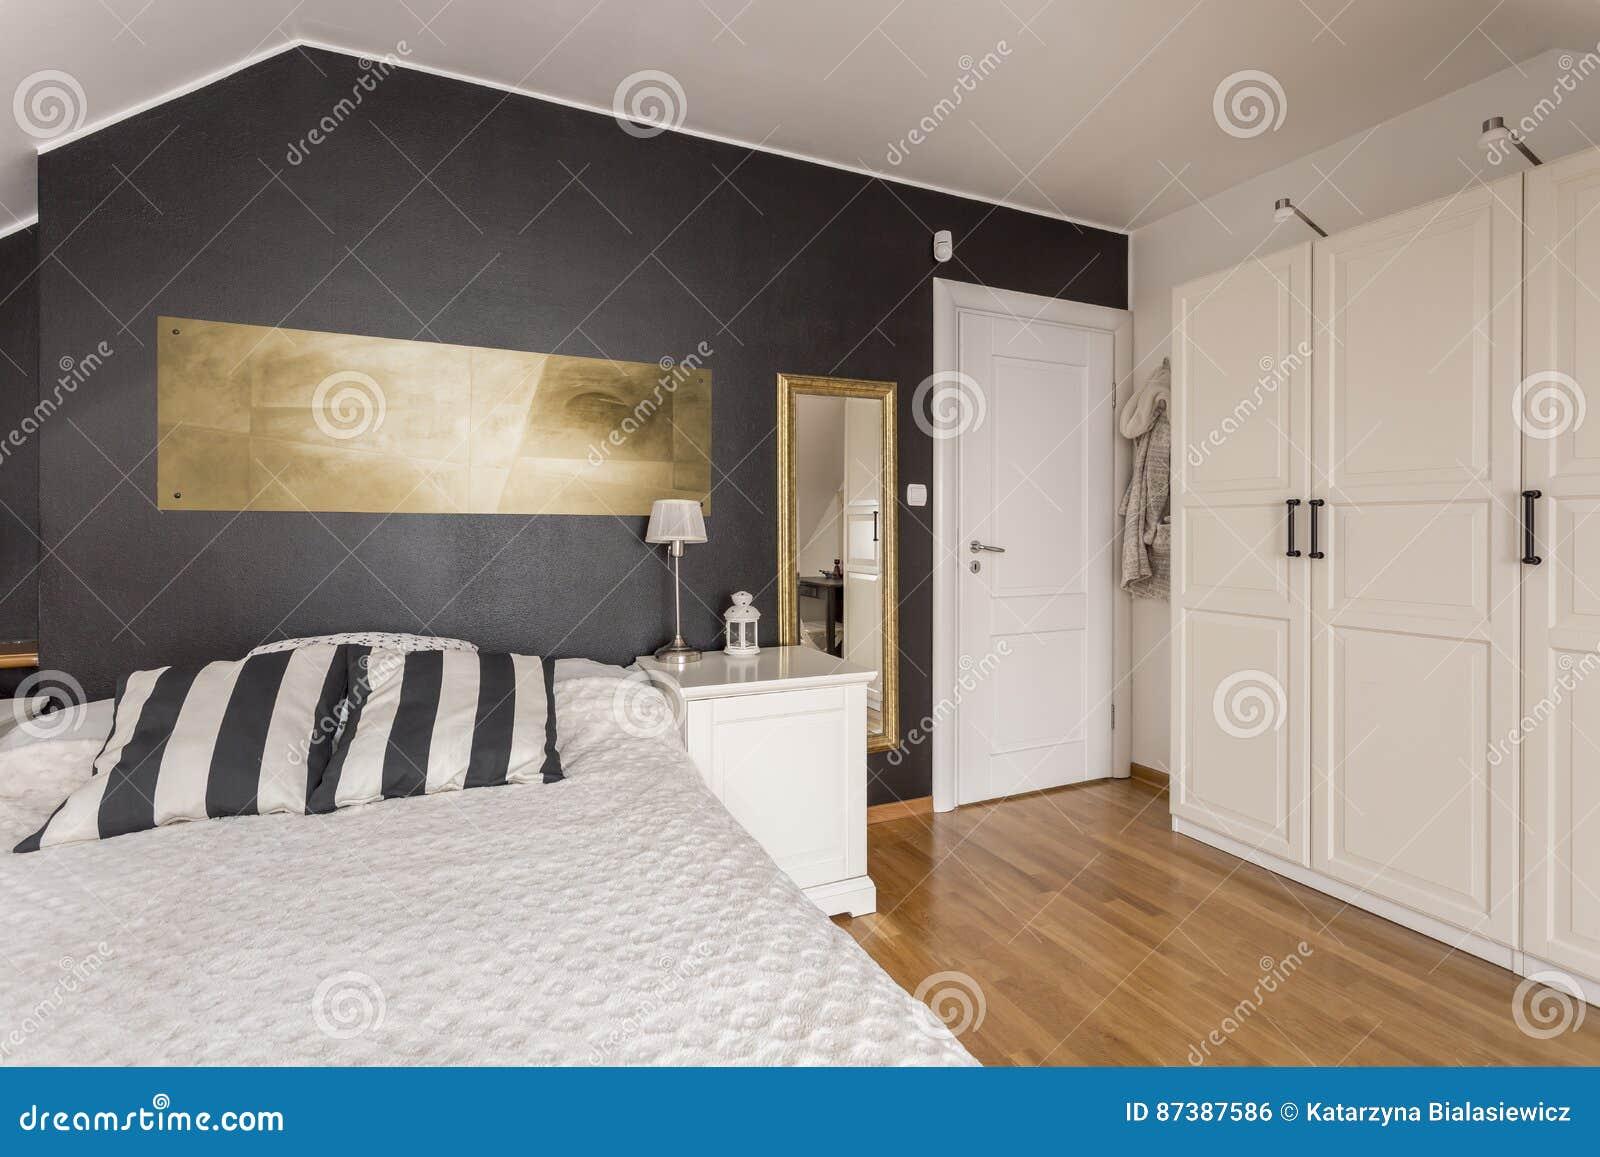 Chambre Noir Blanc Et Or chambre à coucher noire et blanche avec des accents d'or